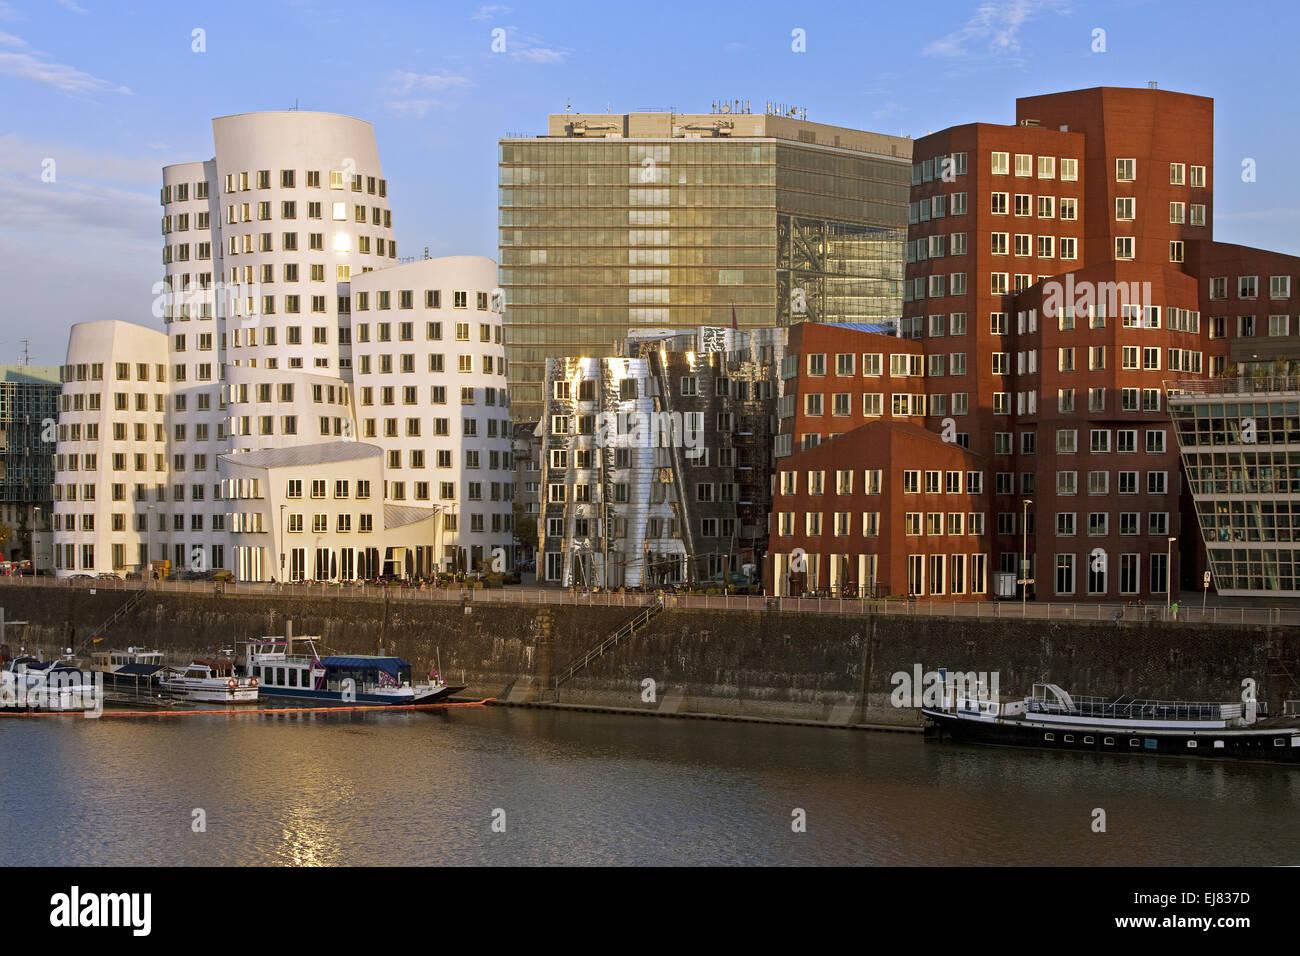 Edificios de Gehry, Duesseldorf, Alemania Imagen De Stock